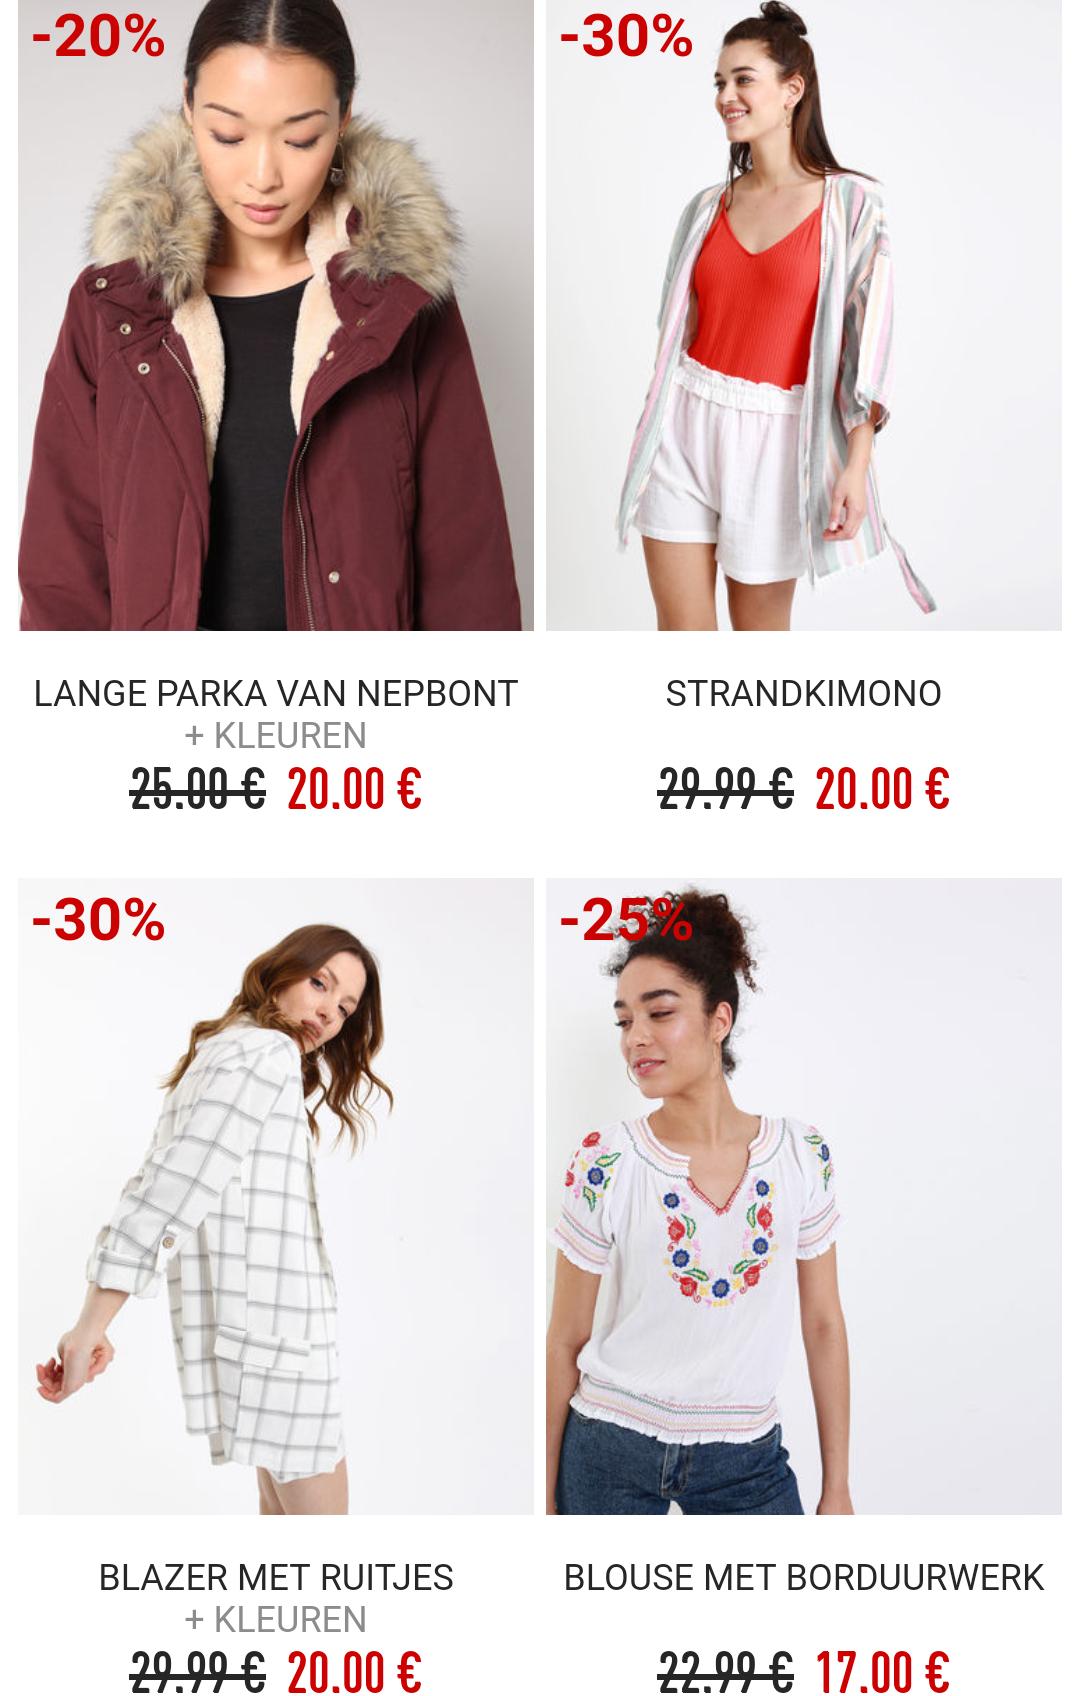 [Grensdeal België] 3 stuks voor €15 oa jassen, spijkerbroeken, jurkjes, badkleding & schoenen (Pimkie)